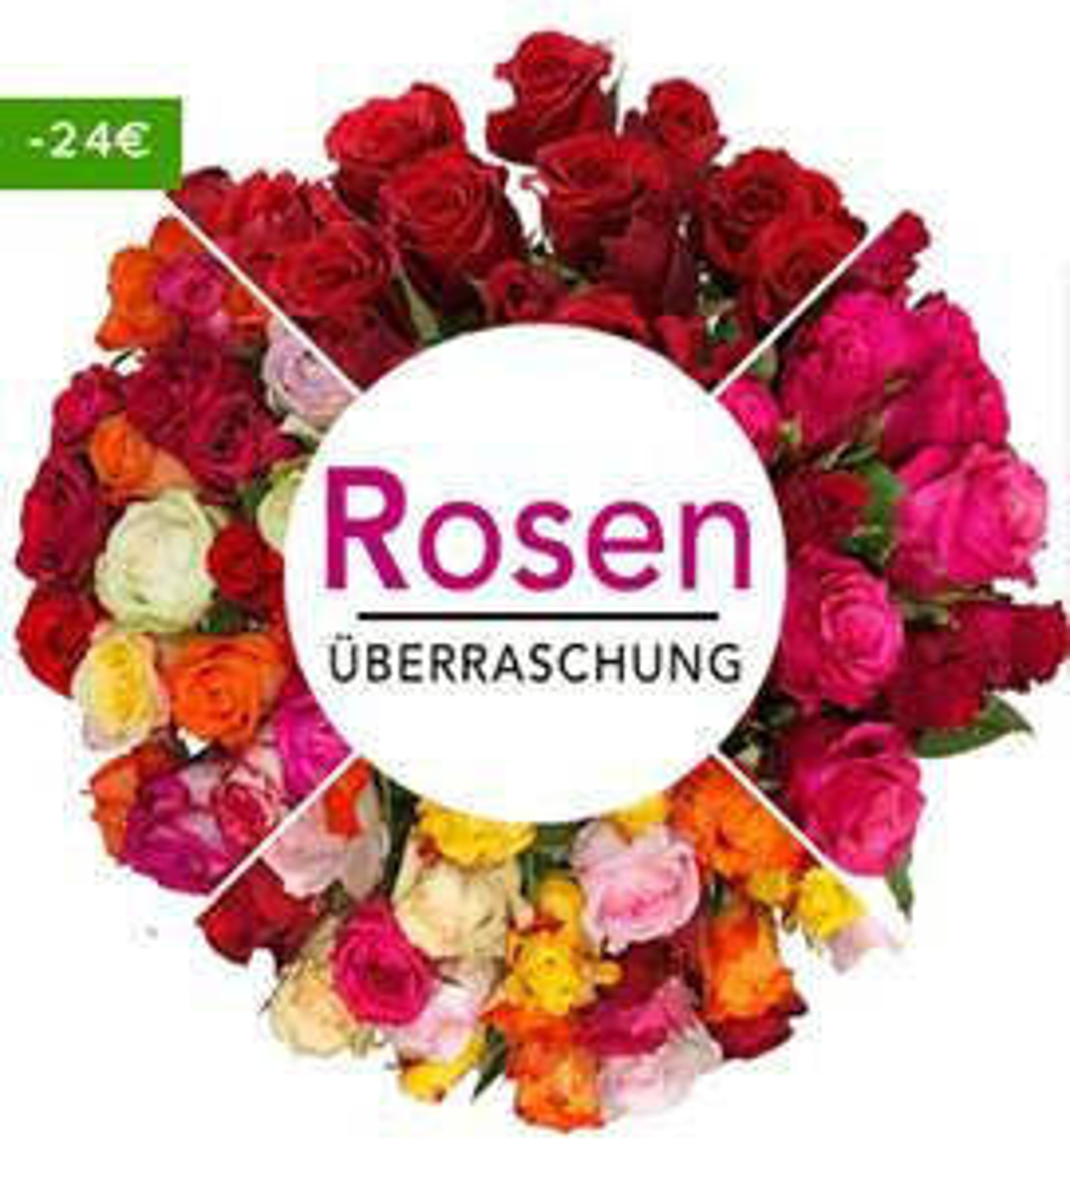 44 Rosen als Überraschung + 12% auf ALLES!